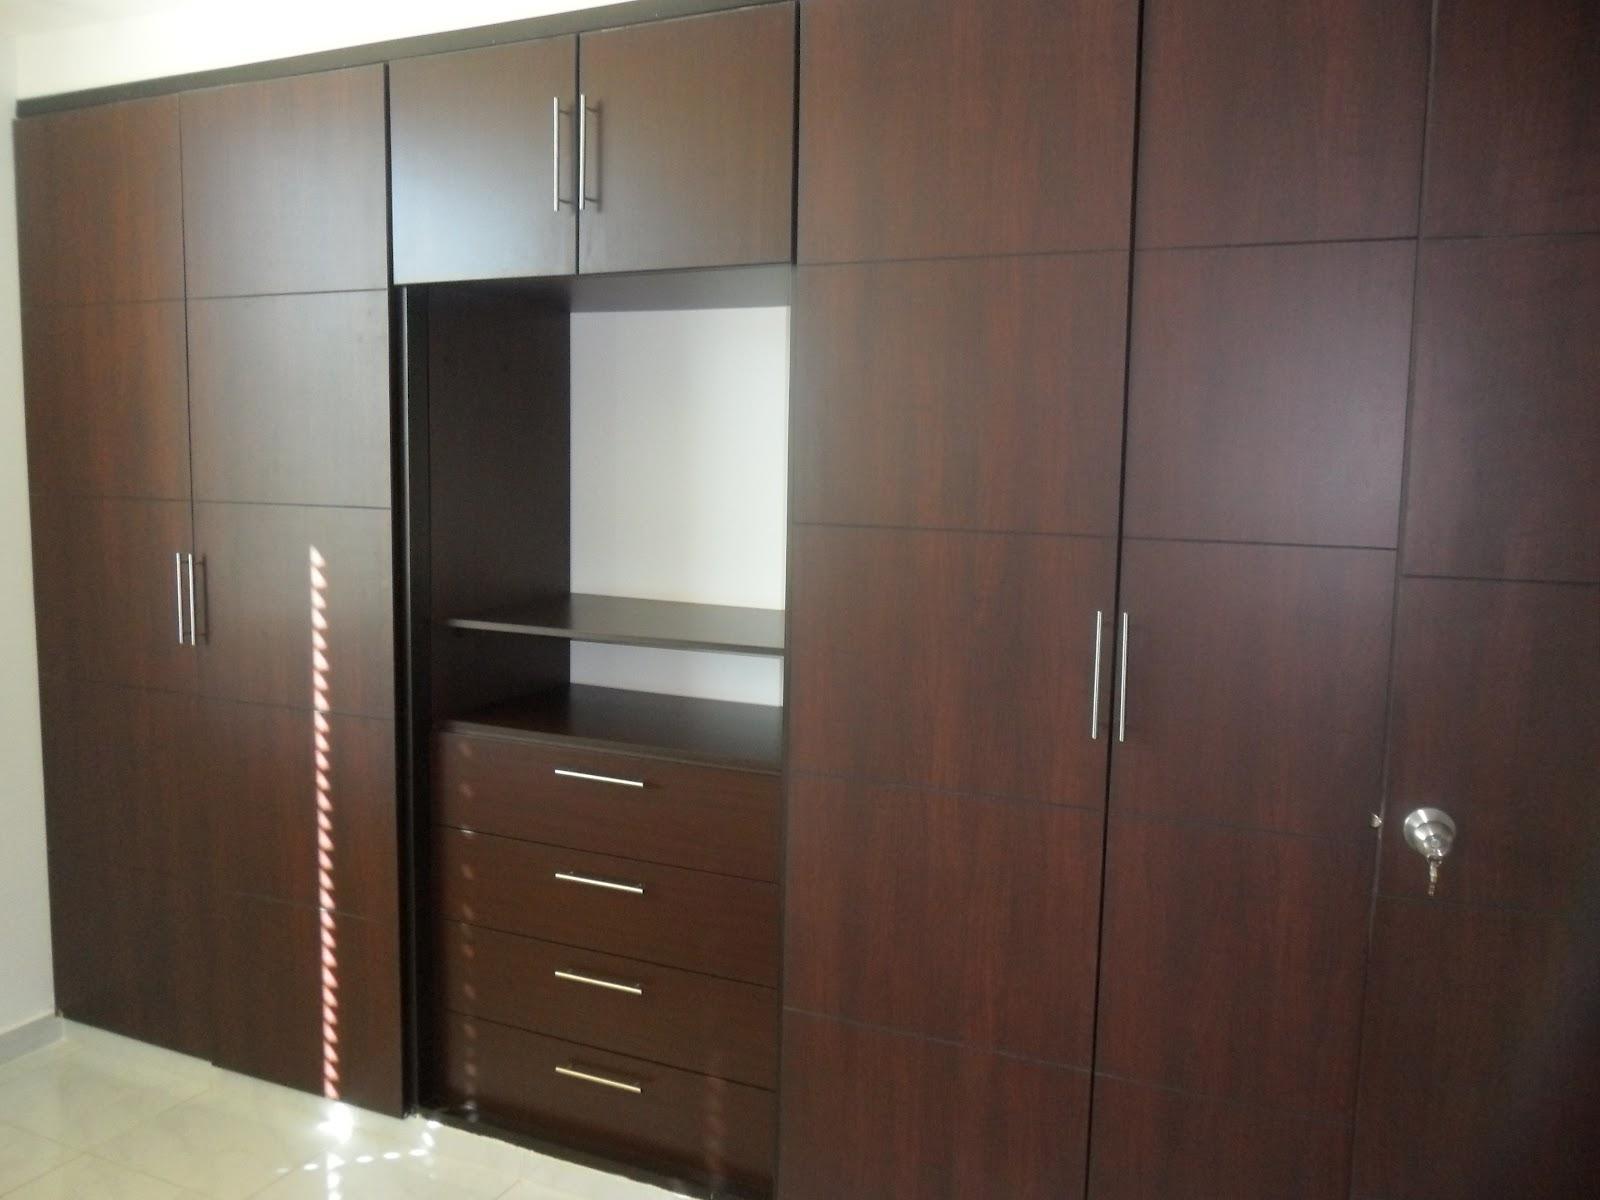 Maestre 39 s closet 39 s for Modelos de closets para dormitorios modernos